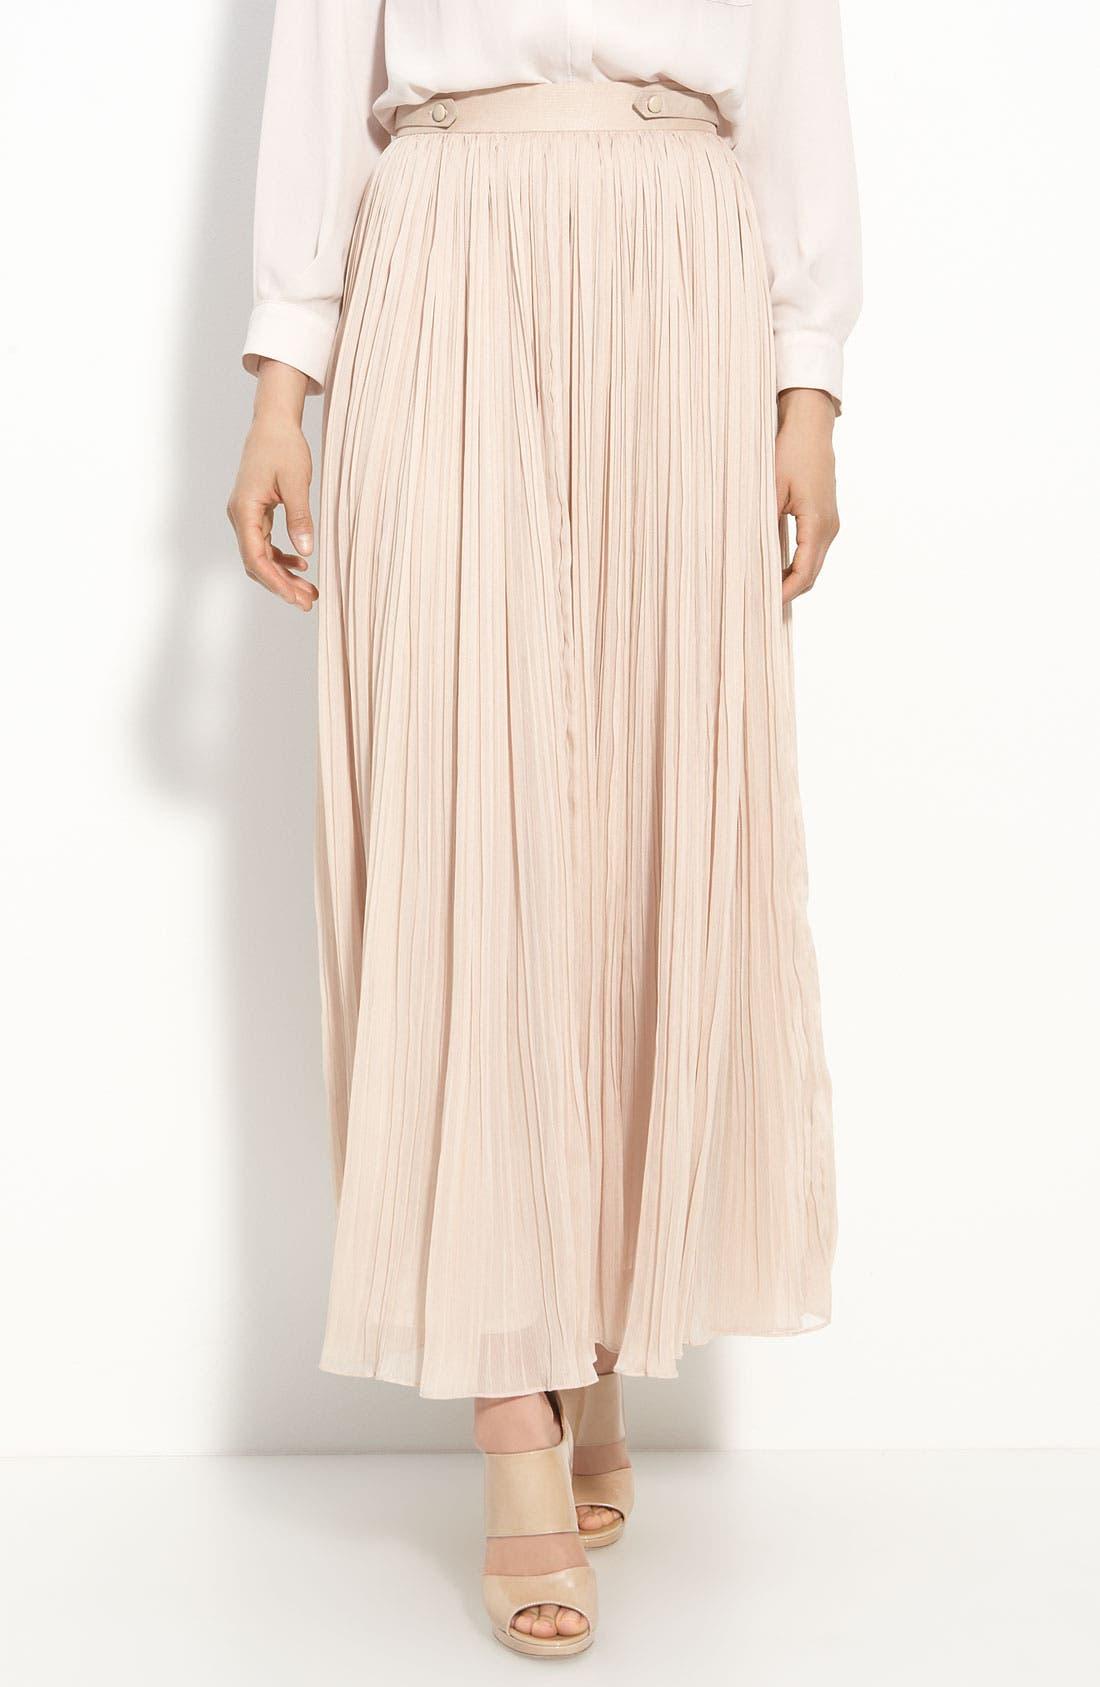 Alternate Image 1 Selected - Mcginn 'Emma' Pleated Maxi Skirt